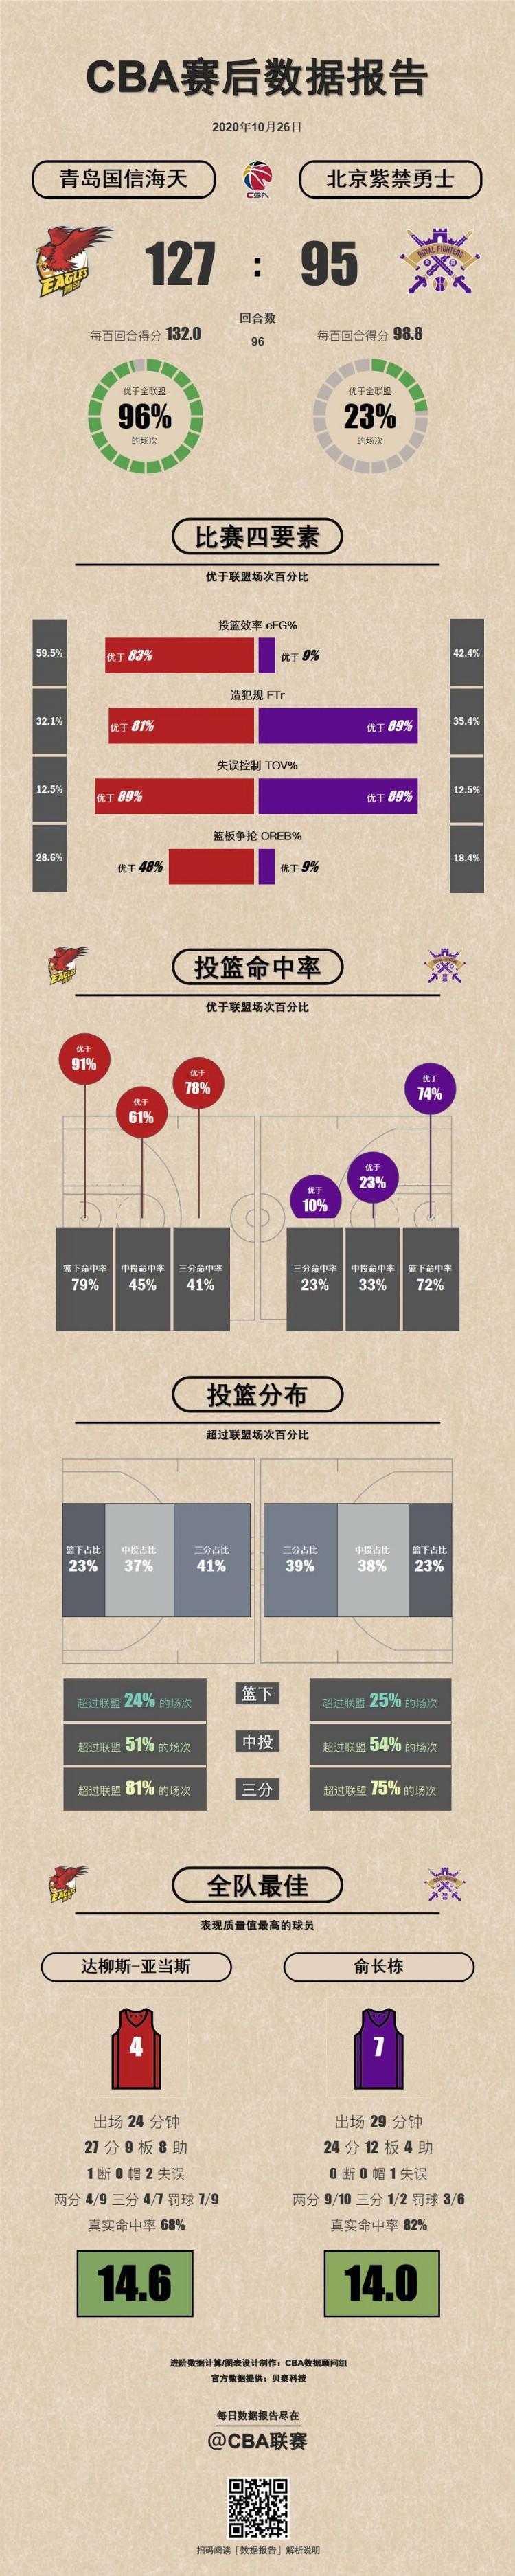 青岛VS北控数据报告:亚当斯、俞长栋表现质量值两队最高